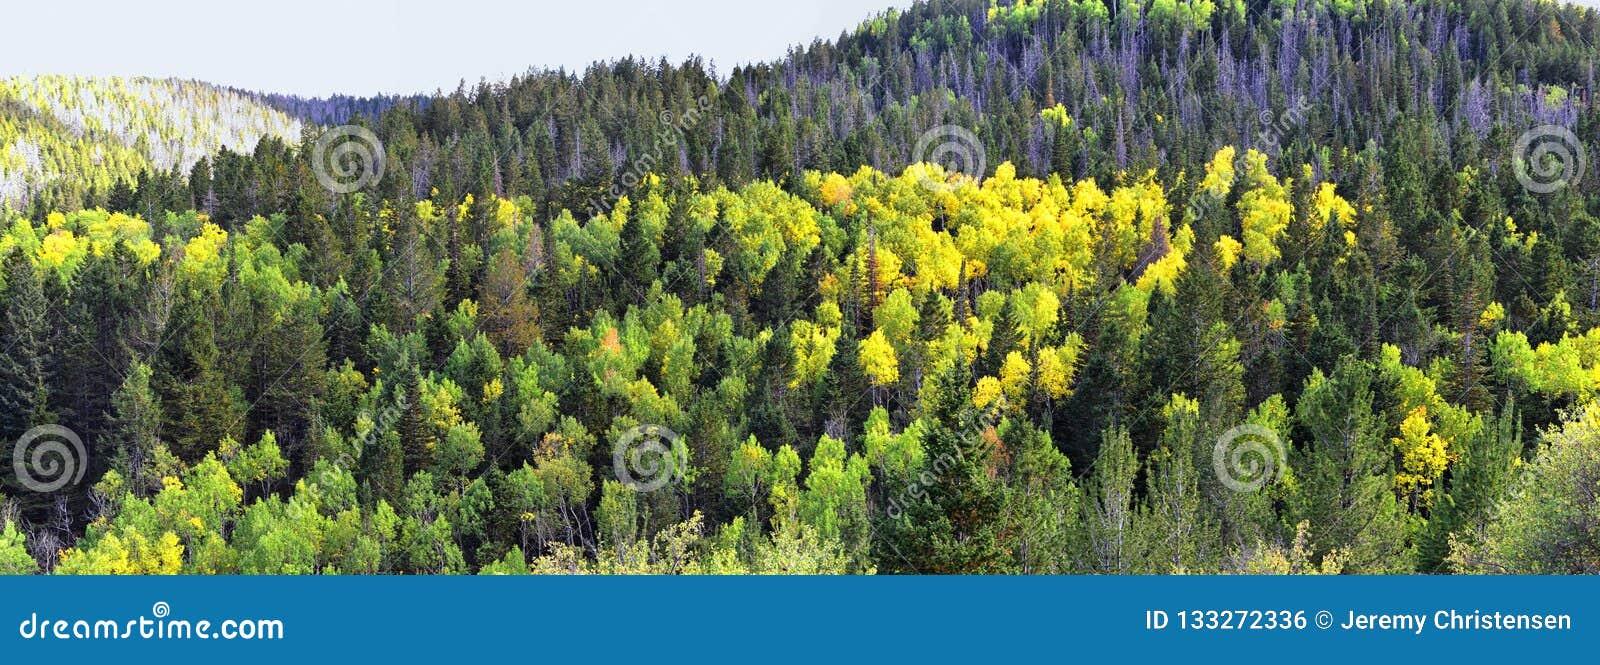 Vues tôt de forêt de panorama d automne de fin d été augmentant par des arbres dans le canyon indien, la boucle de canyon de Neuf